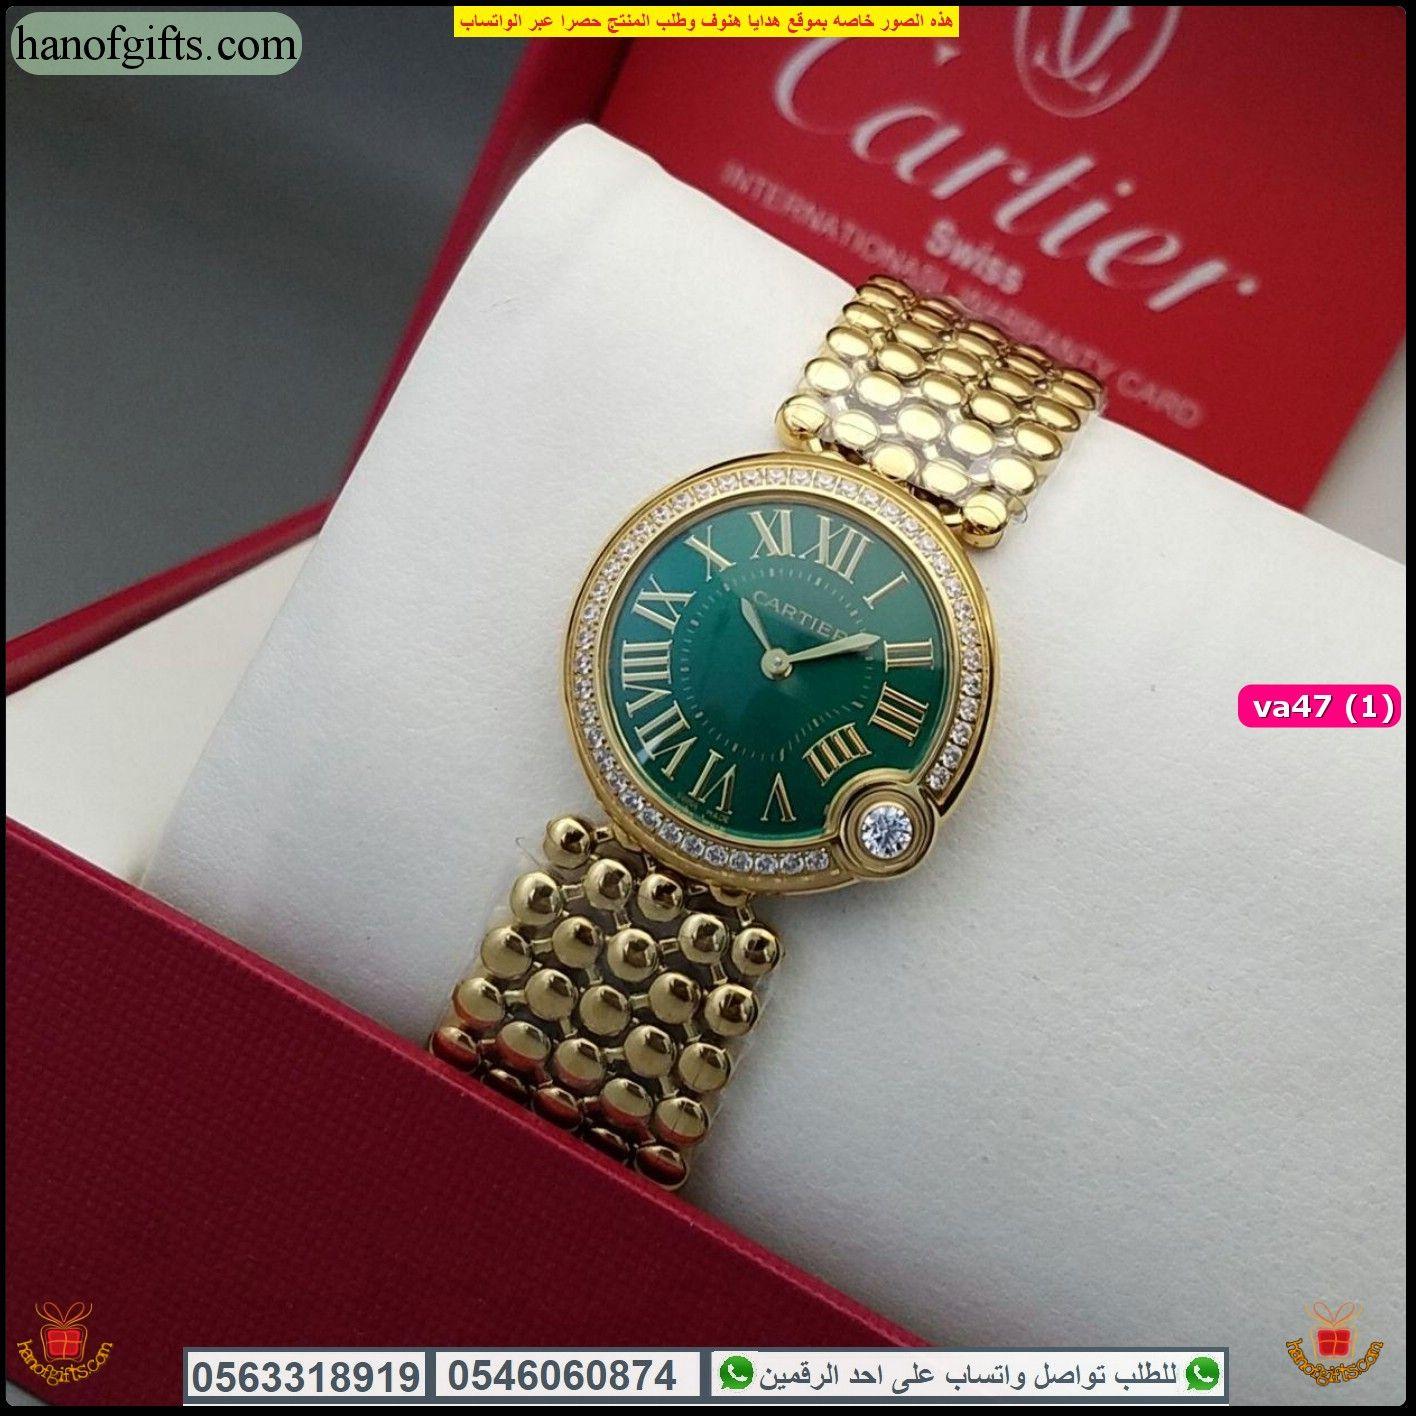 ساعات كارتير نسائي Cartier ساعه نسائي فخمه جدا موديل Ca هدايا هنوف Michael Kors Watch Gold Watch Kors Watches